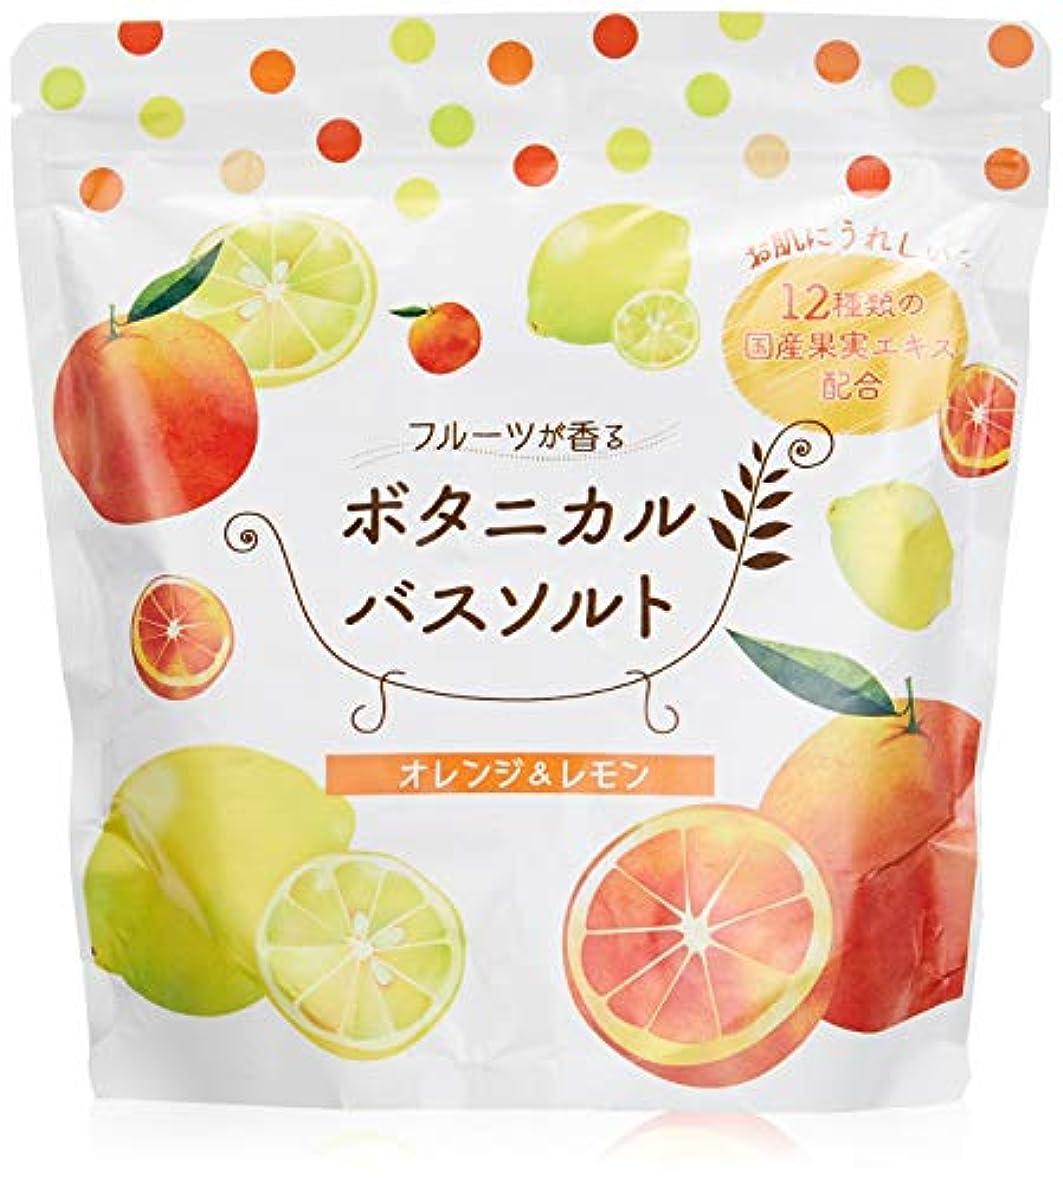 符号発明呼びかける松田医薬品 フルーツが香るボタニカルバスソルト 入浴剤 オレンジ レモン 450g